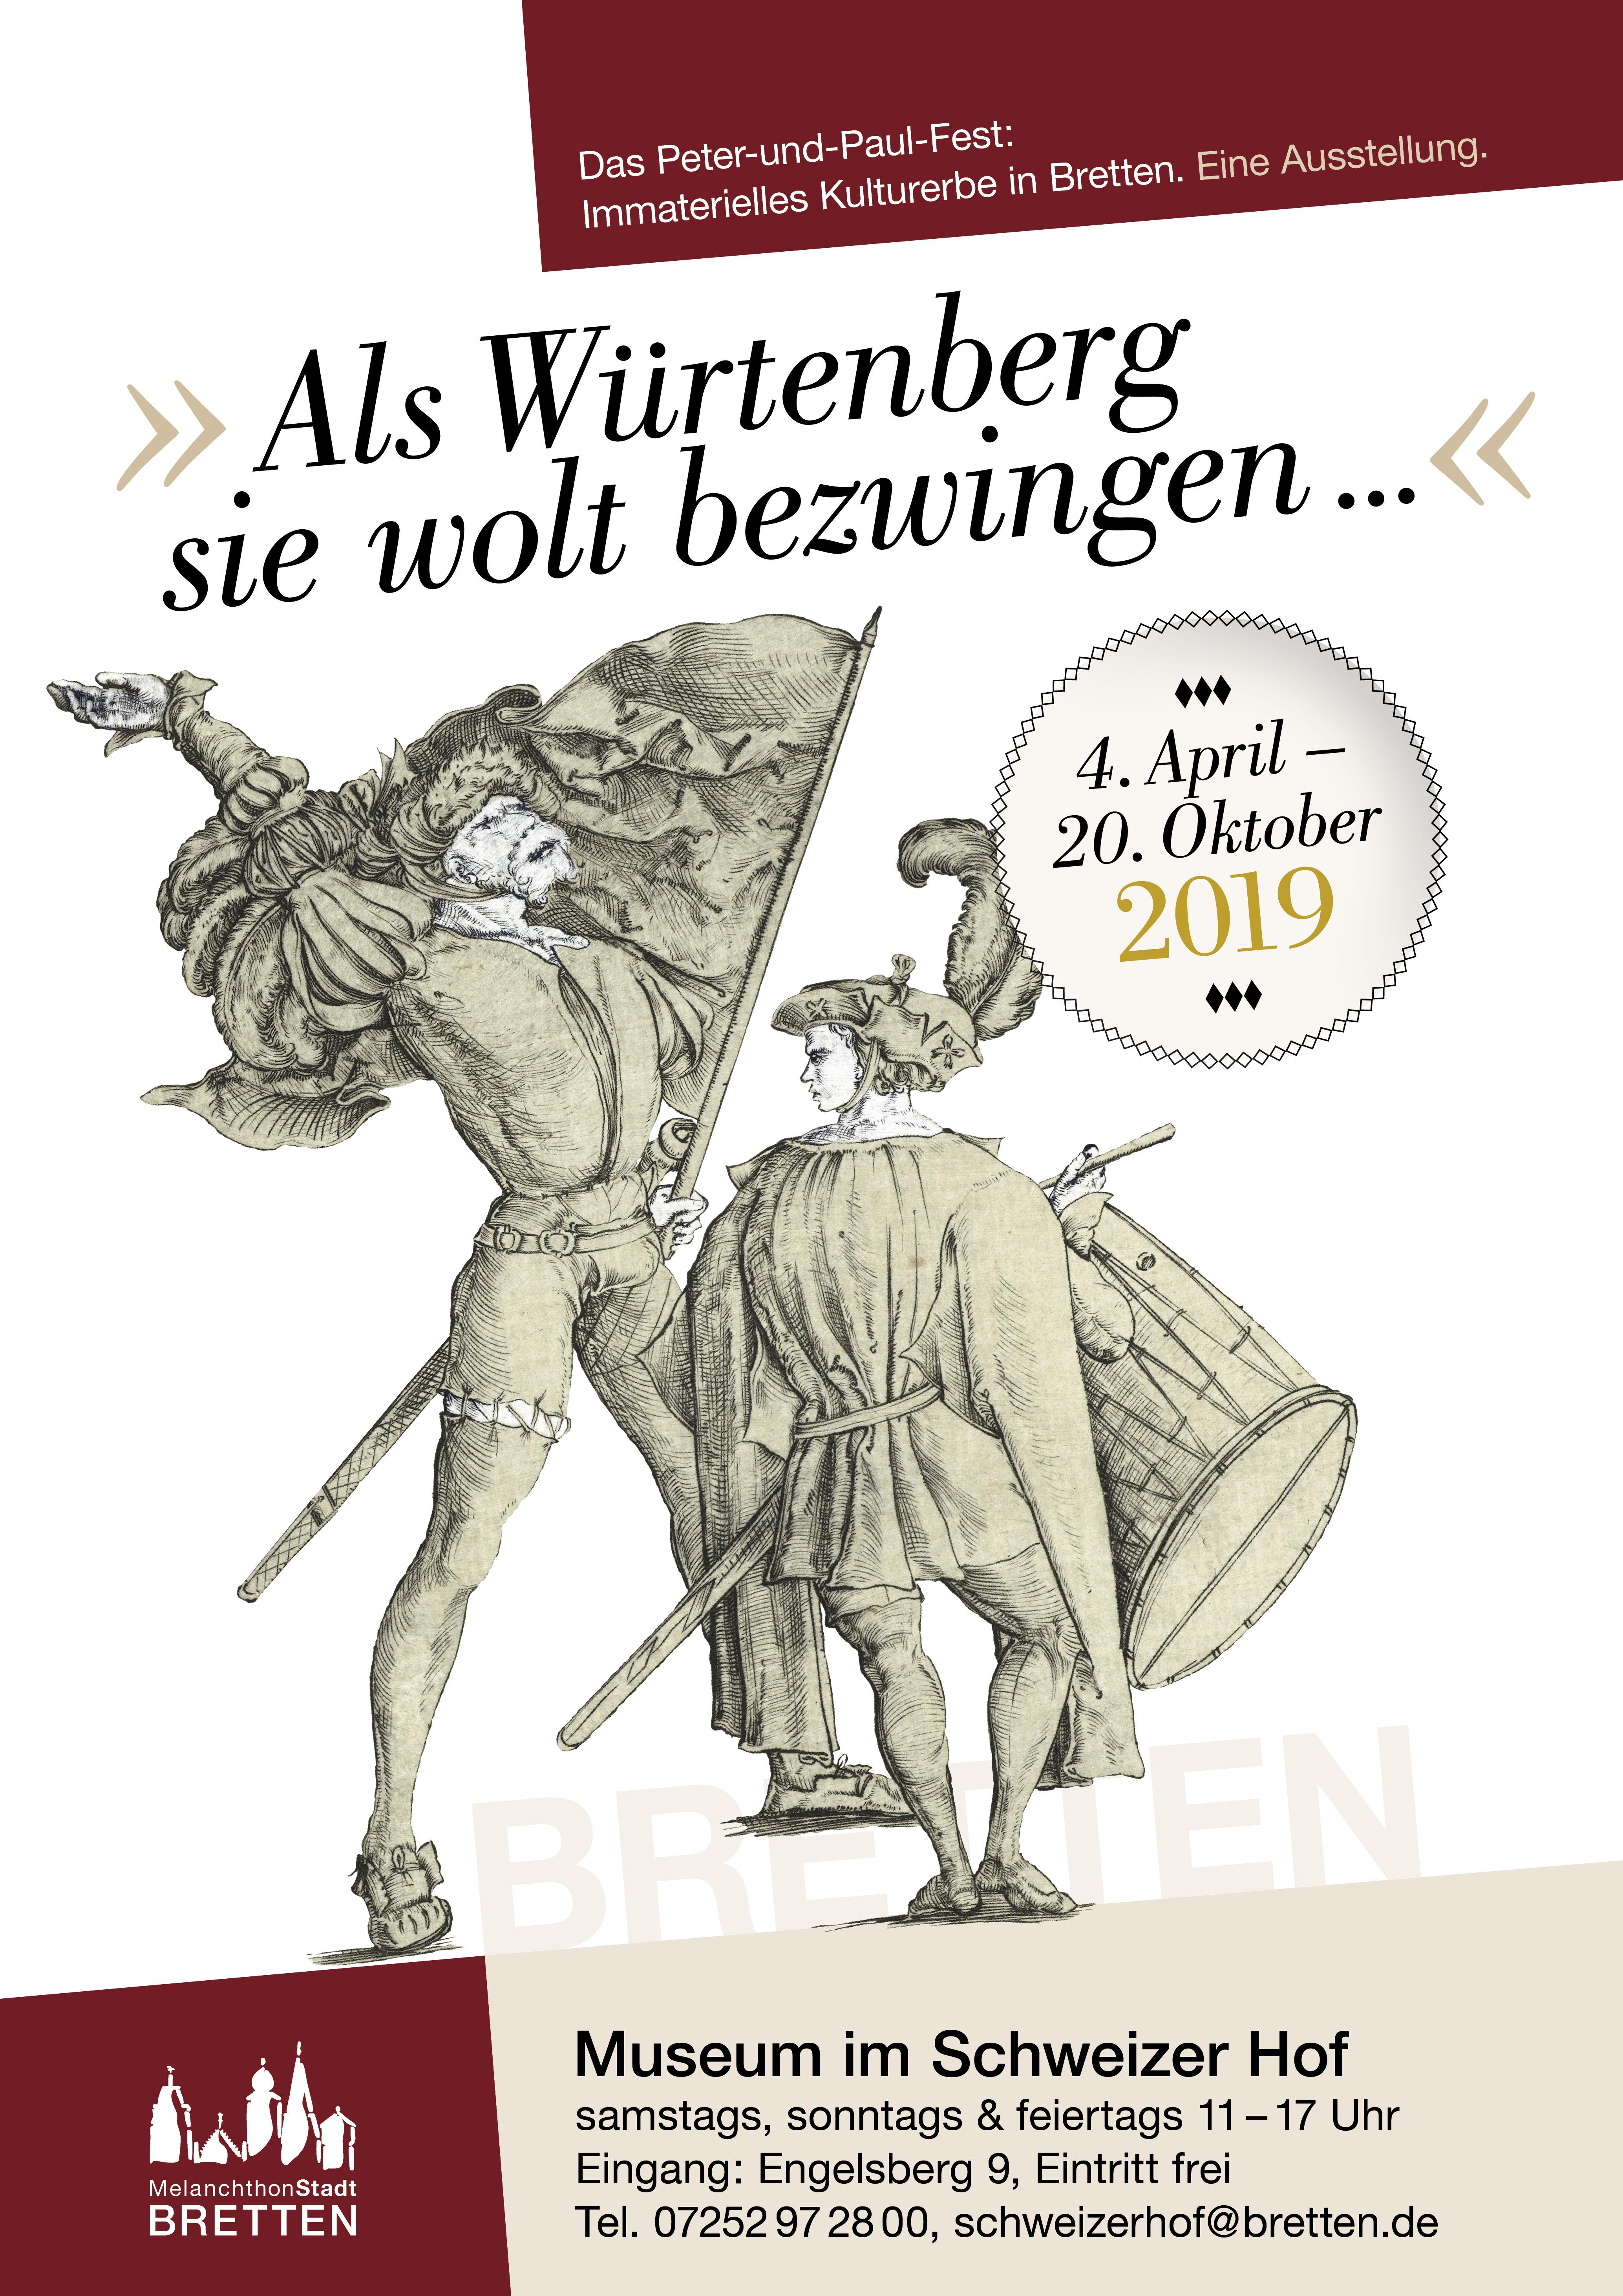 »Als Würtenberg sie wolt bezwingen...«. Das Peter-und-Paul-Fest: Immaterielles Kulturerbe in Bretten.